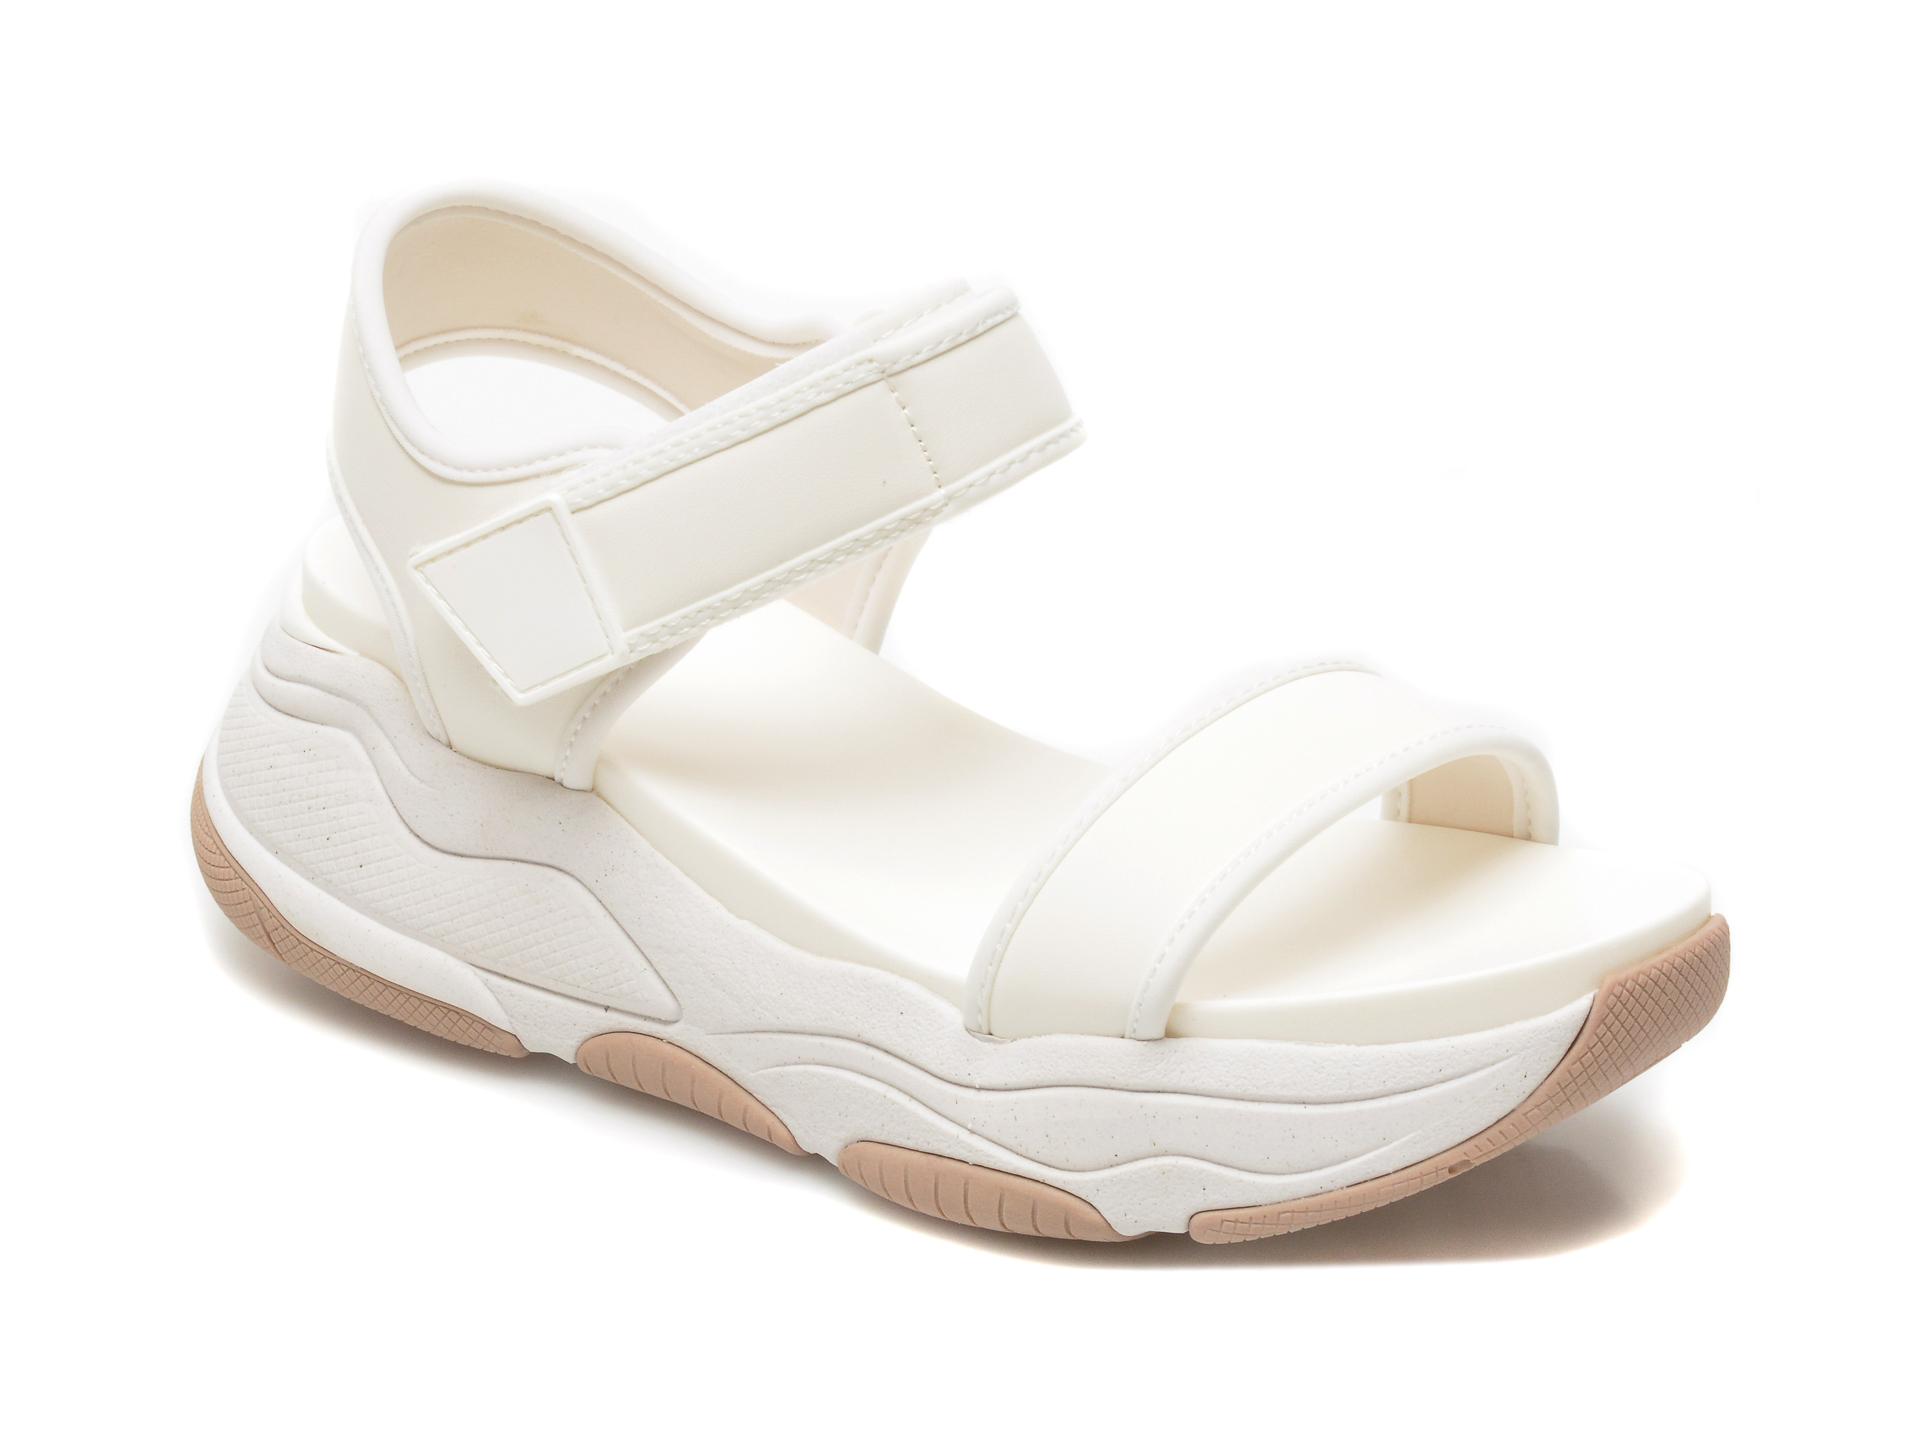 Sandale ALDO albe, Adweaven100, din piele ecologica imagine otter.ro 2021